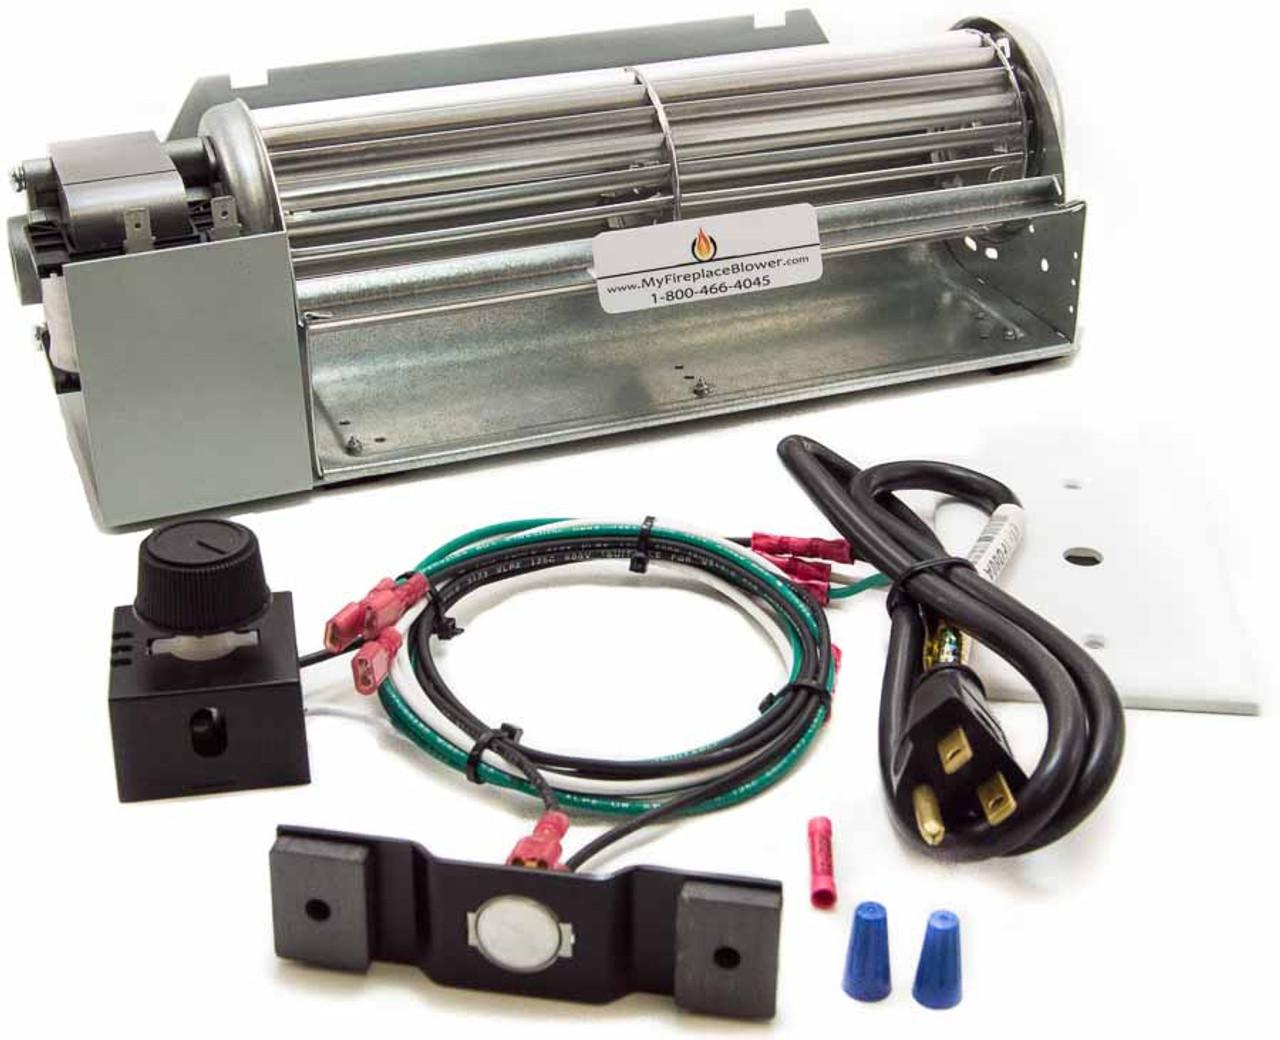 hight resolution of fbk 250 blower kit superior fireplace blower fireplace blowerfbk 250 fireplace blower kit for superior model